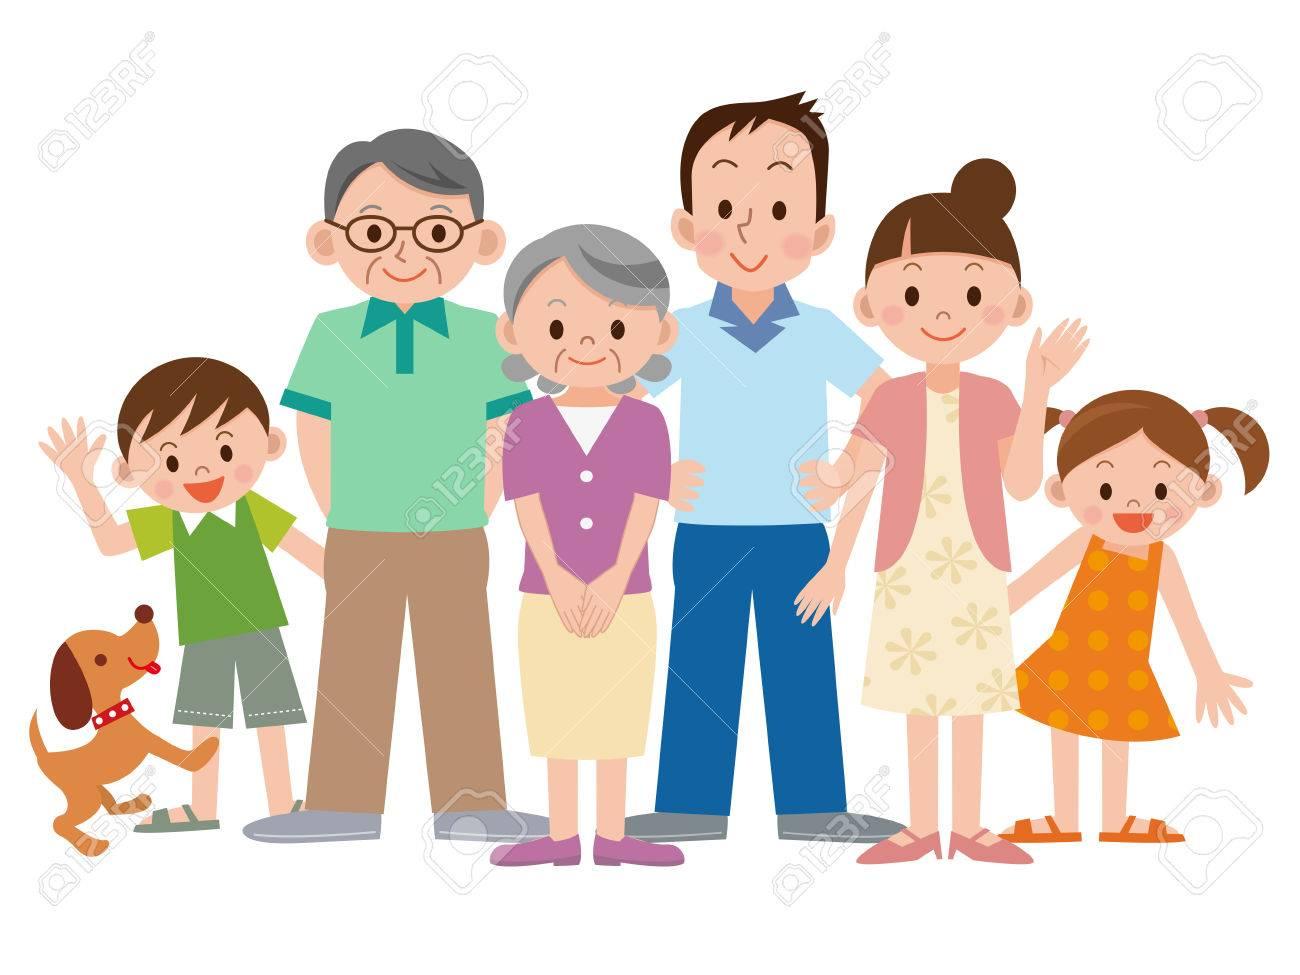 Famille De Trois Generations Clip Art Libres De Droits Vecteurs Et Illustration Image 63208940